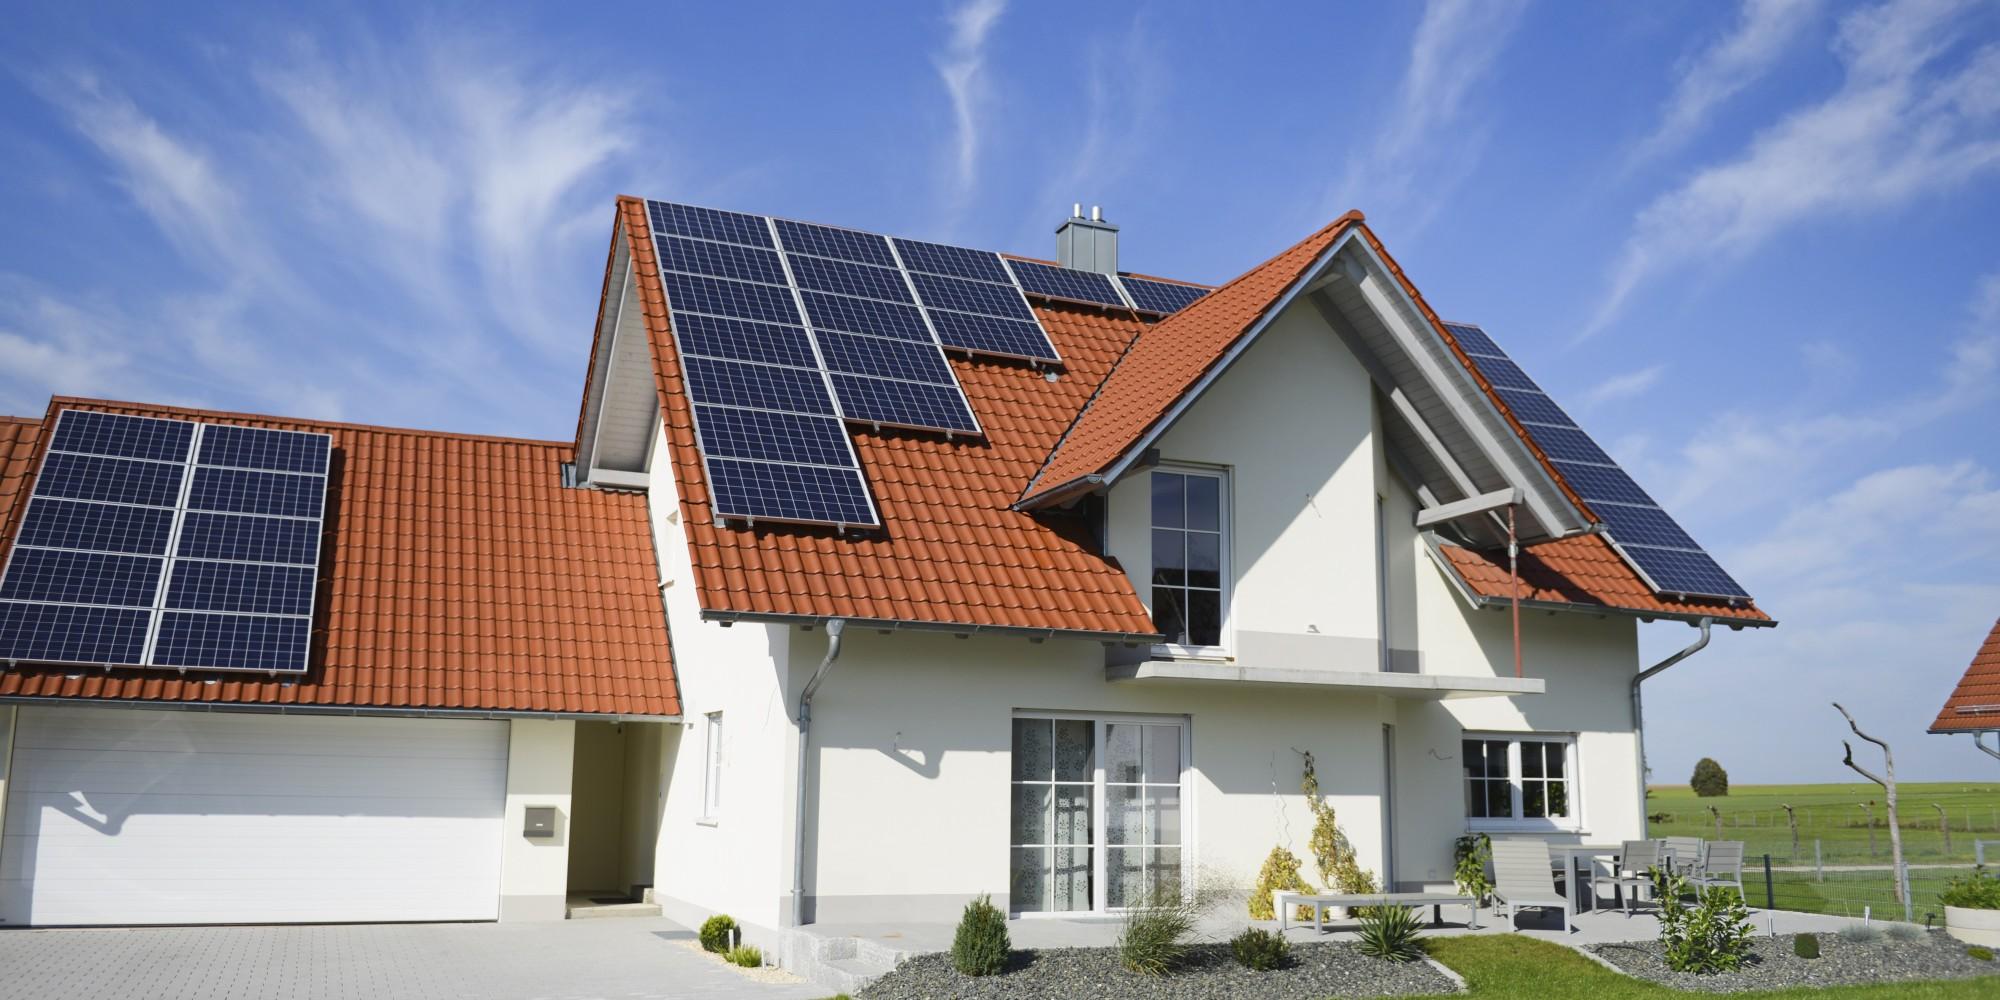 w-attractive-solar